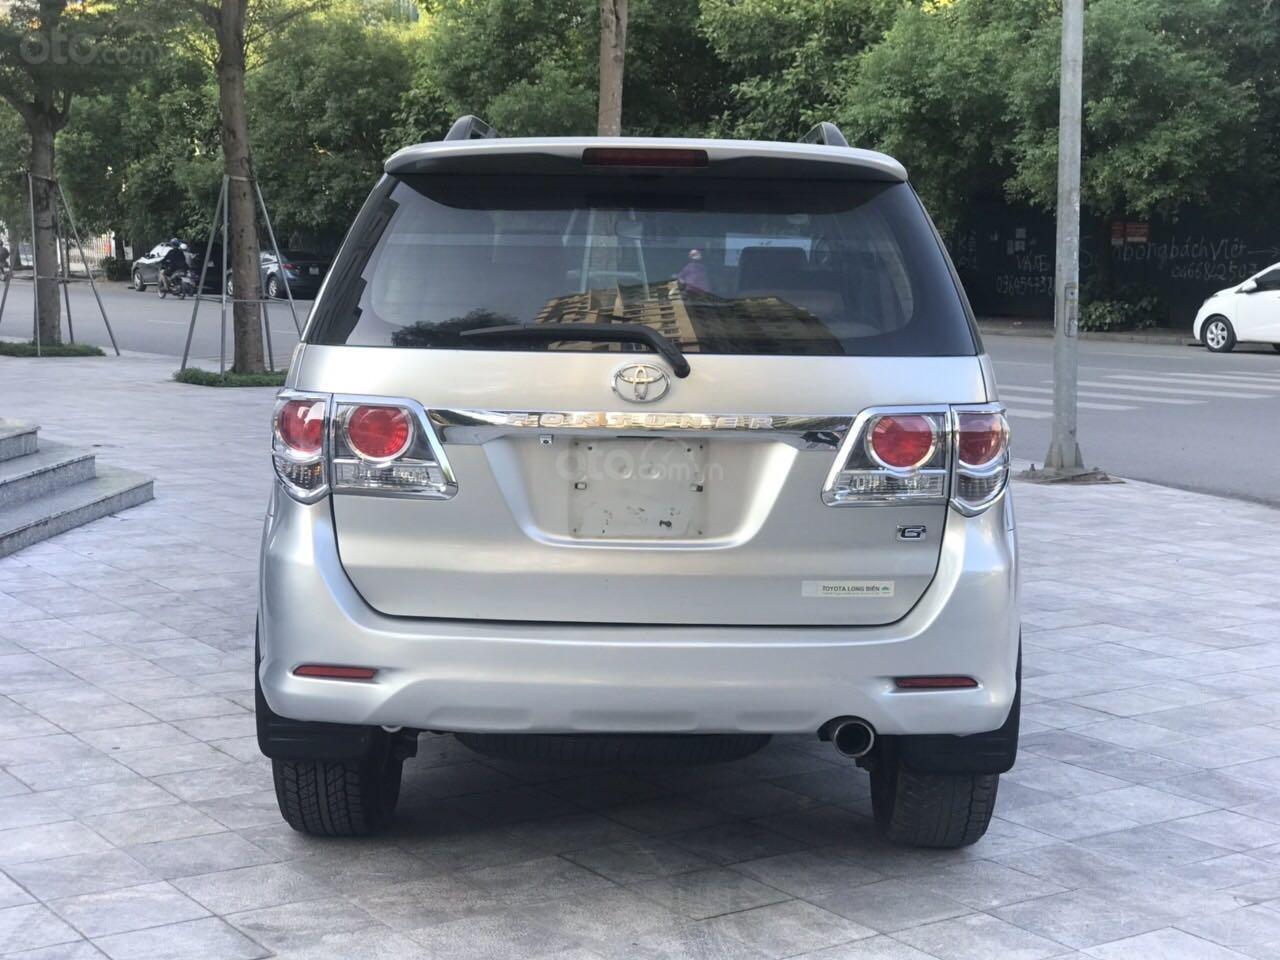 Cần bán xe Toyota Fortuner đăng ký lần đầu 2012, màu bạc, nhập khẩu nguyên chiếc, giá chỉ 670 triệu đồng (1)